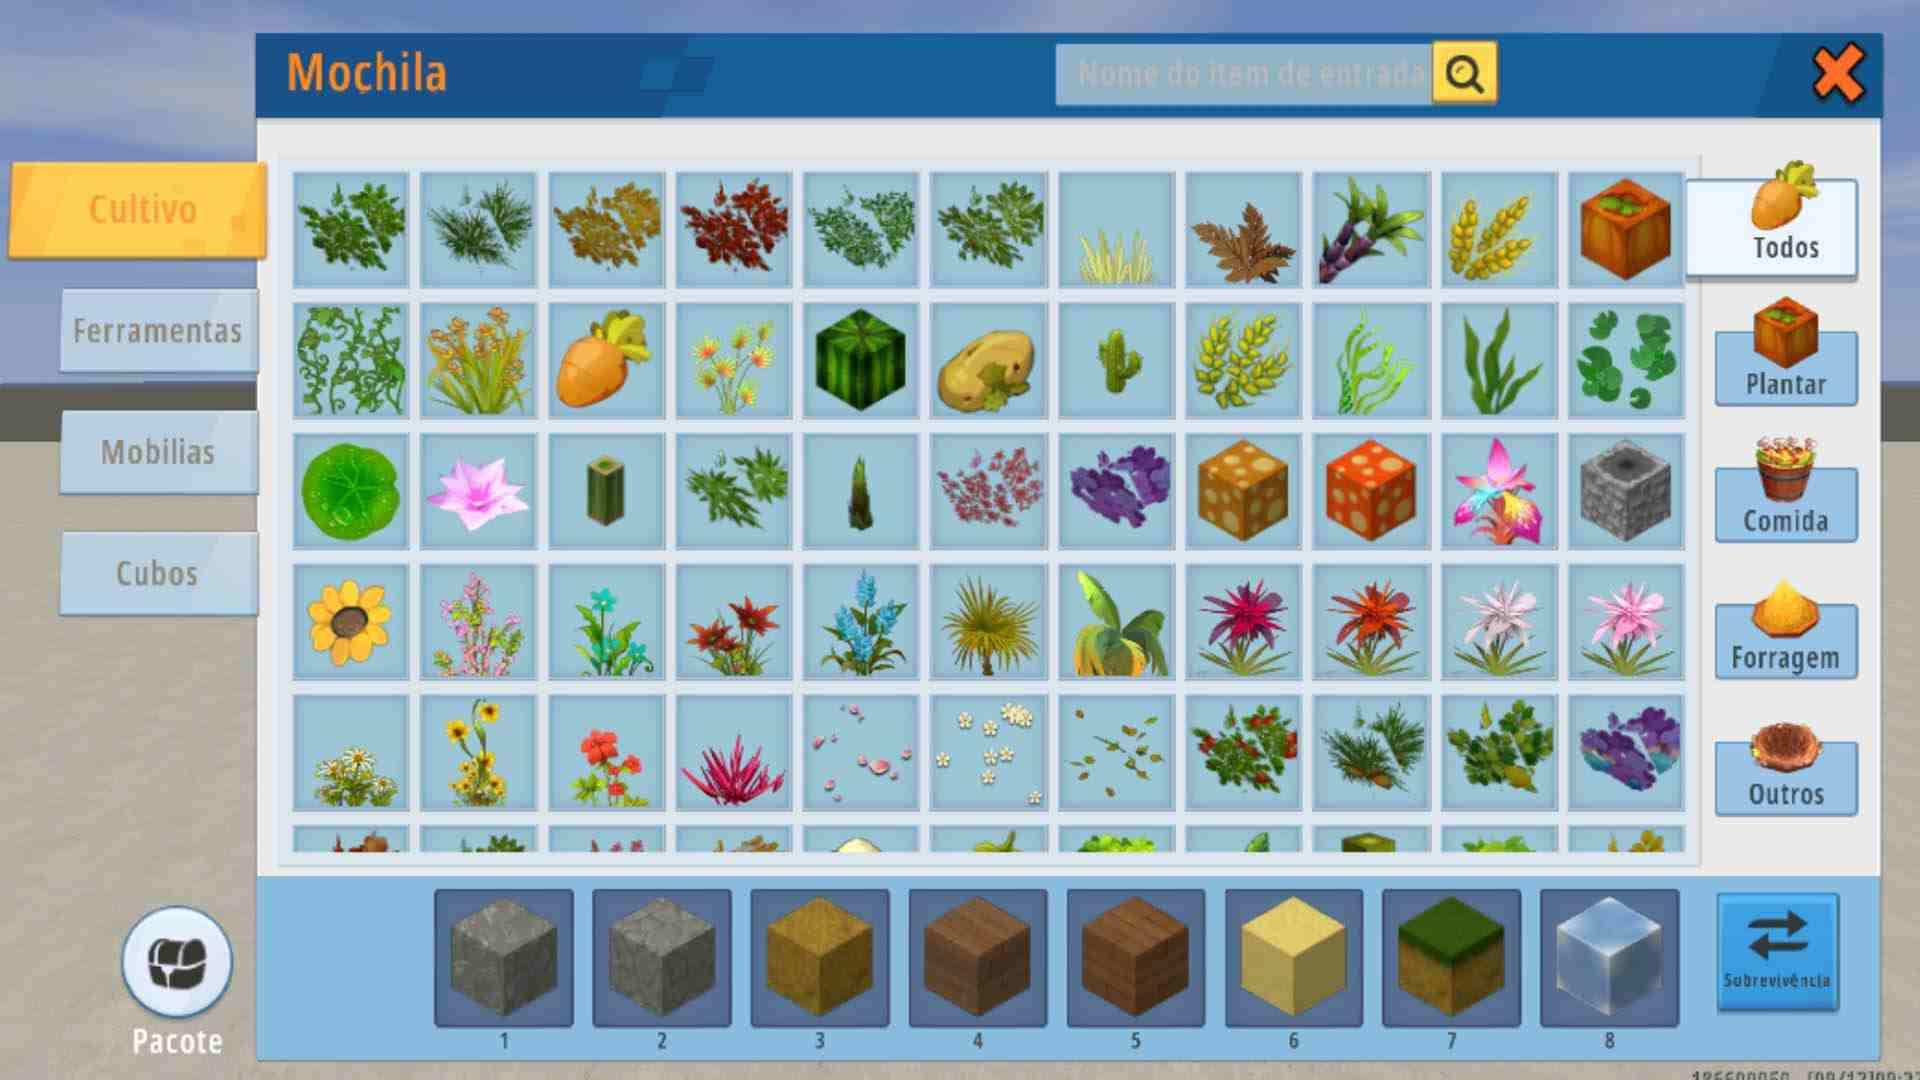 Galeria de materiais disponíveis no modo criação do Mini World